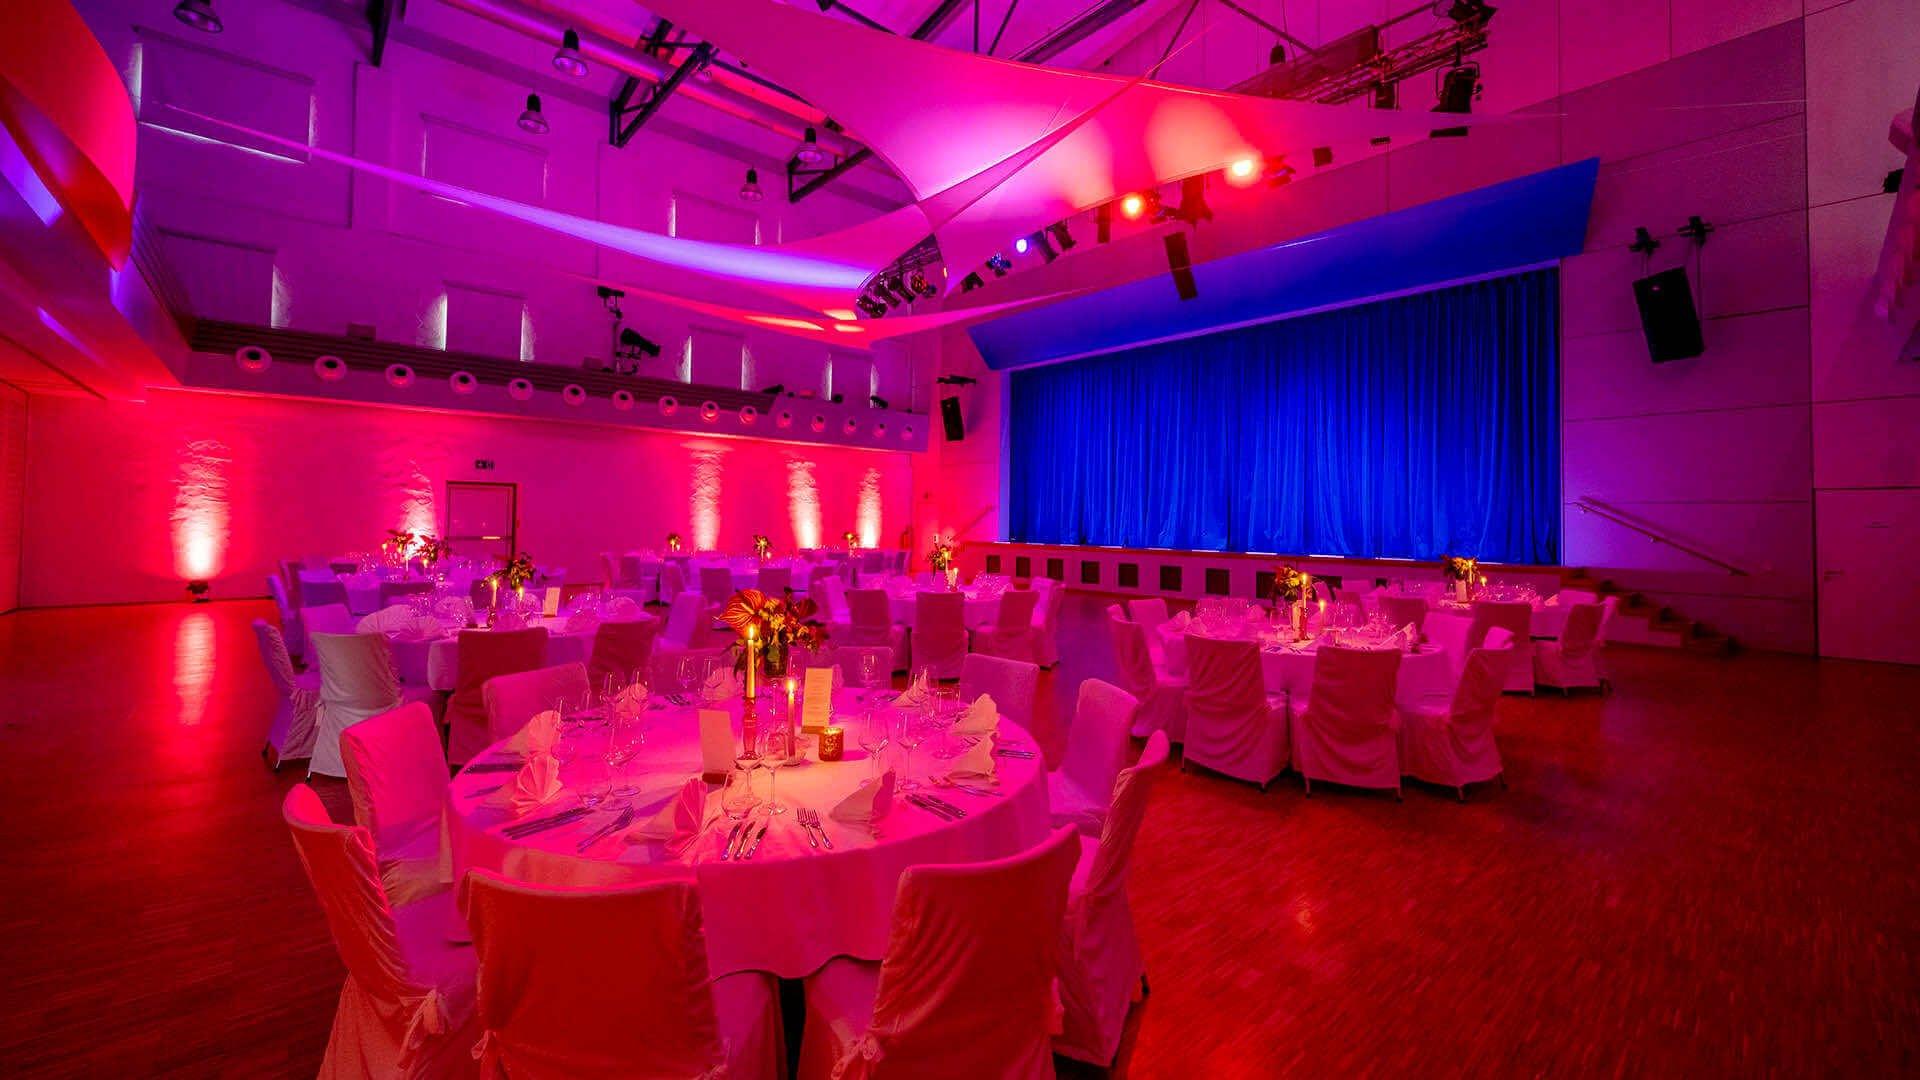 Der Grosse Saal der Mälzerei Mosbach mit XL-Bühne